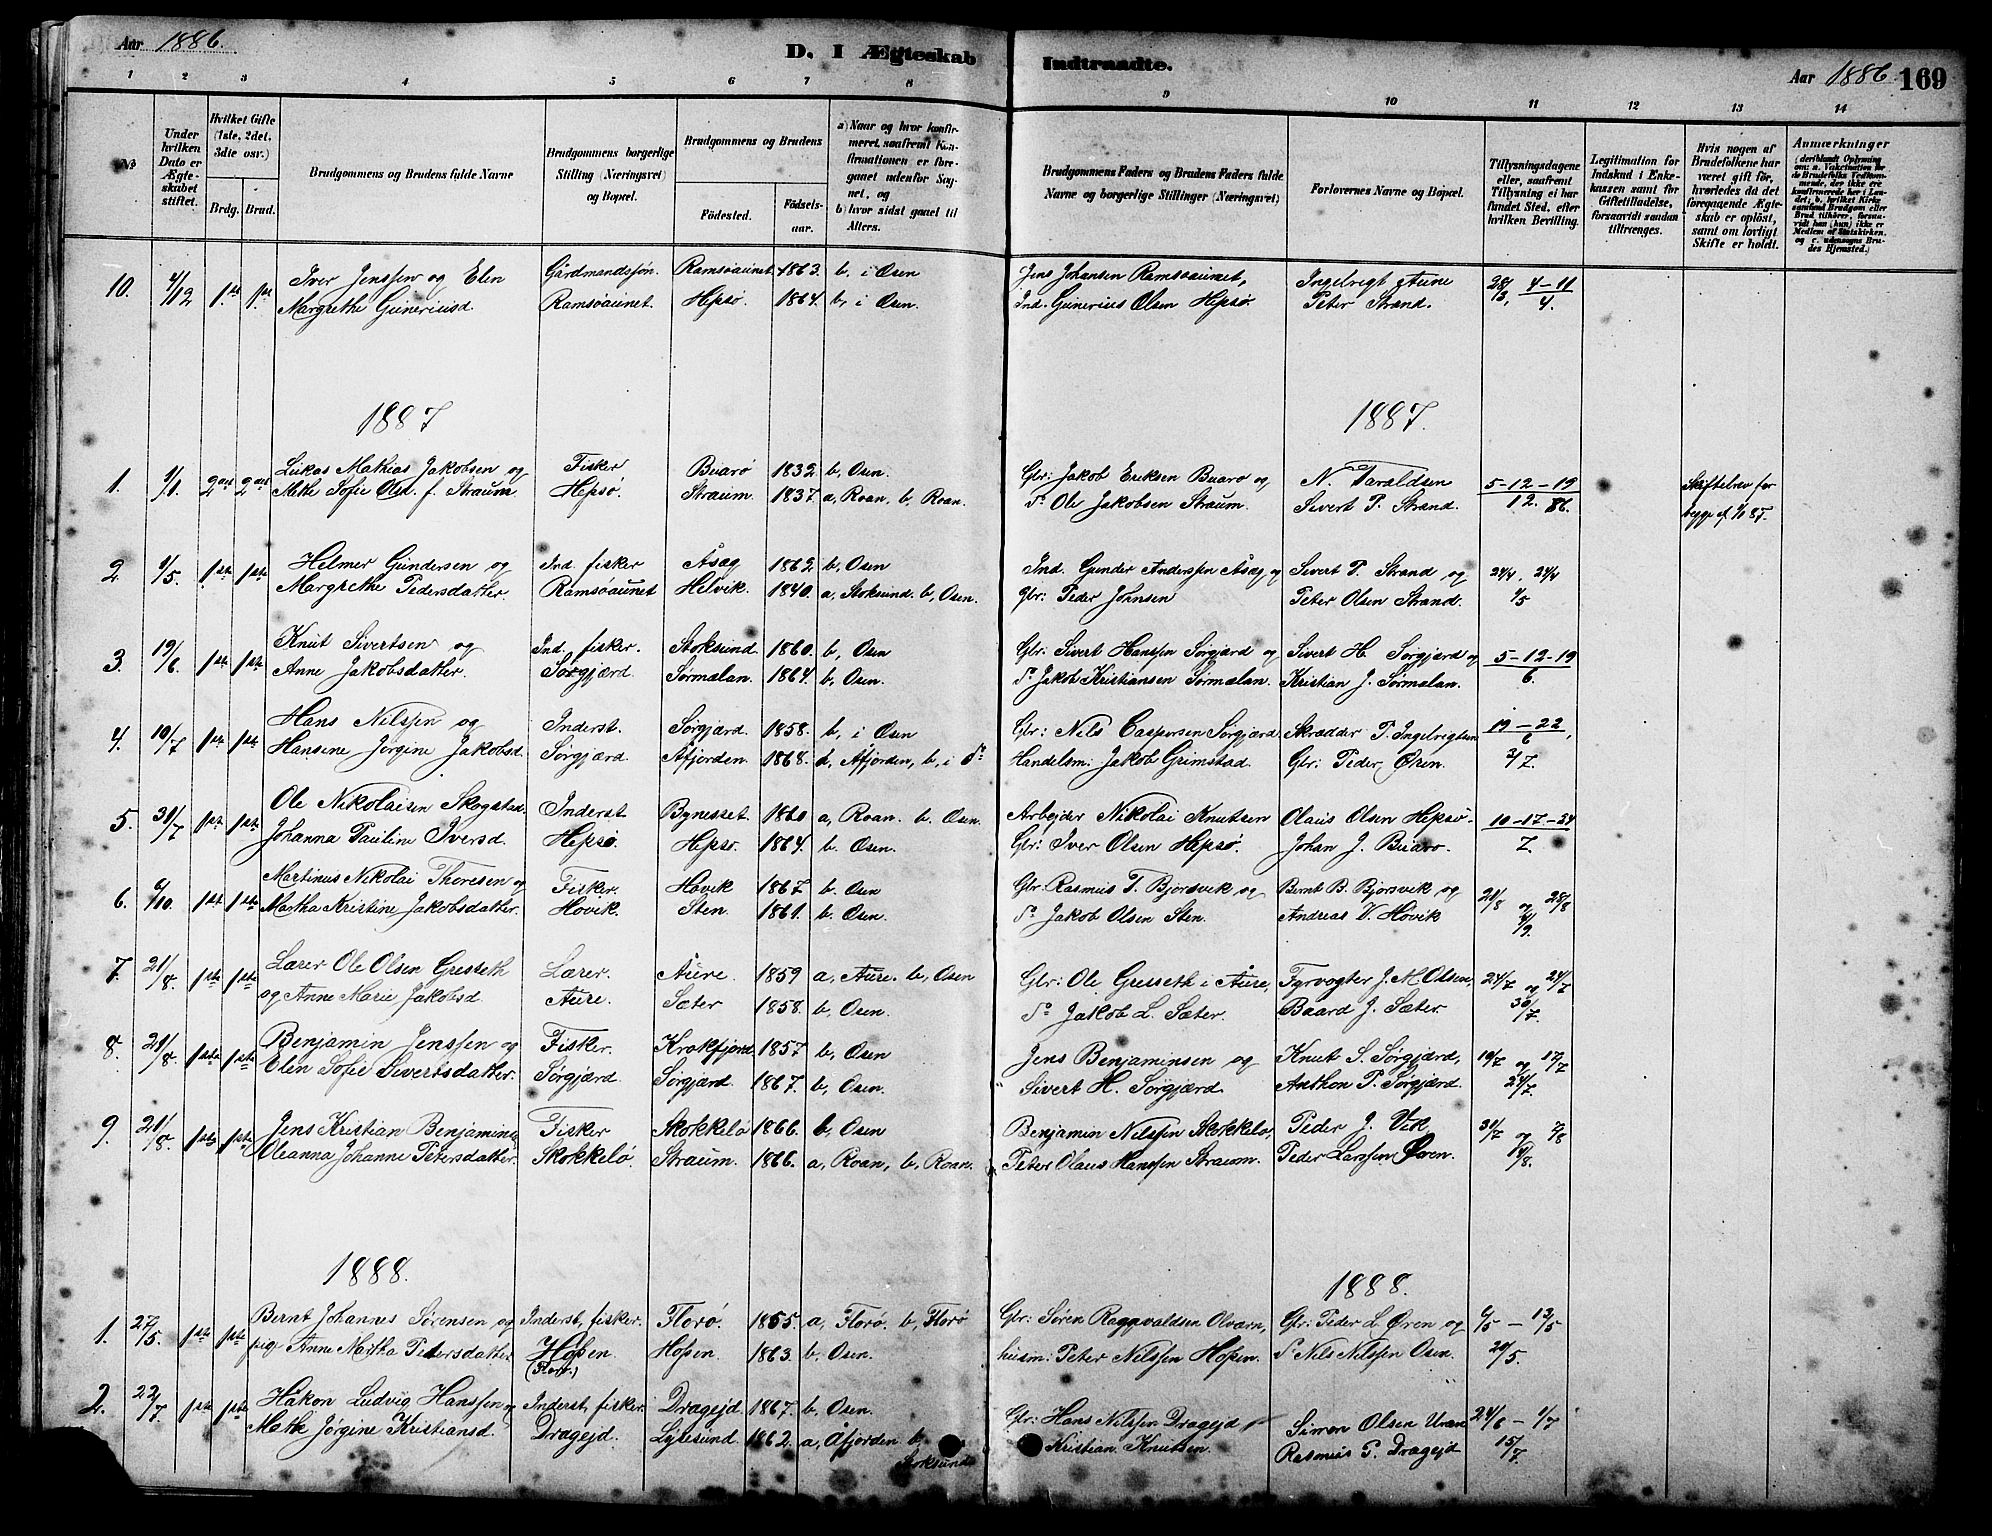 SAT, Ministerialprotokoller, klokkerbøker og fødselsregistre - Sør-Trøndelag, 658/L0726: Klokkerbok nr. 658C02, 1883-1908, s. 169